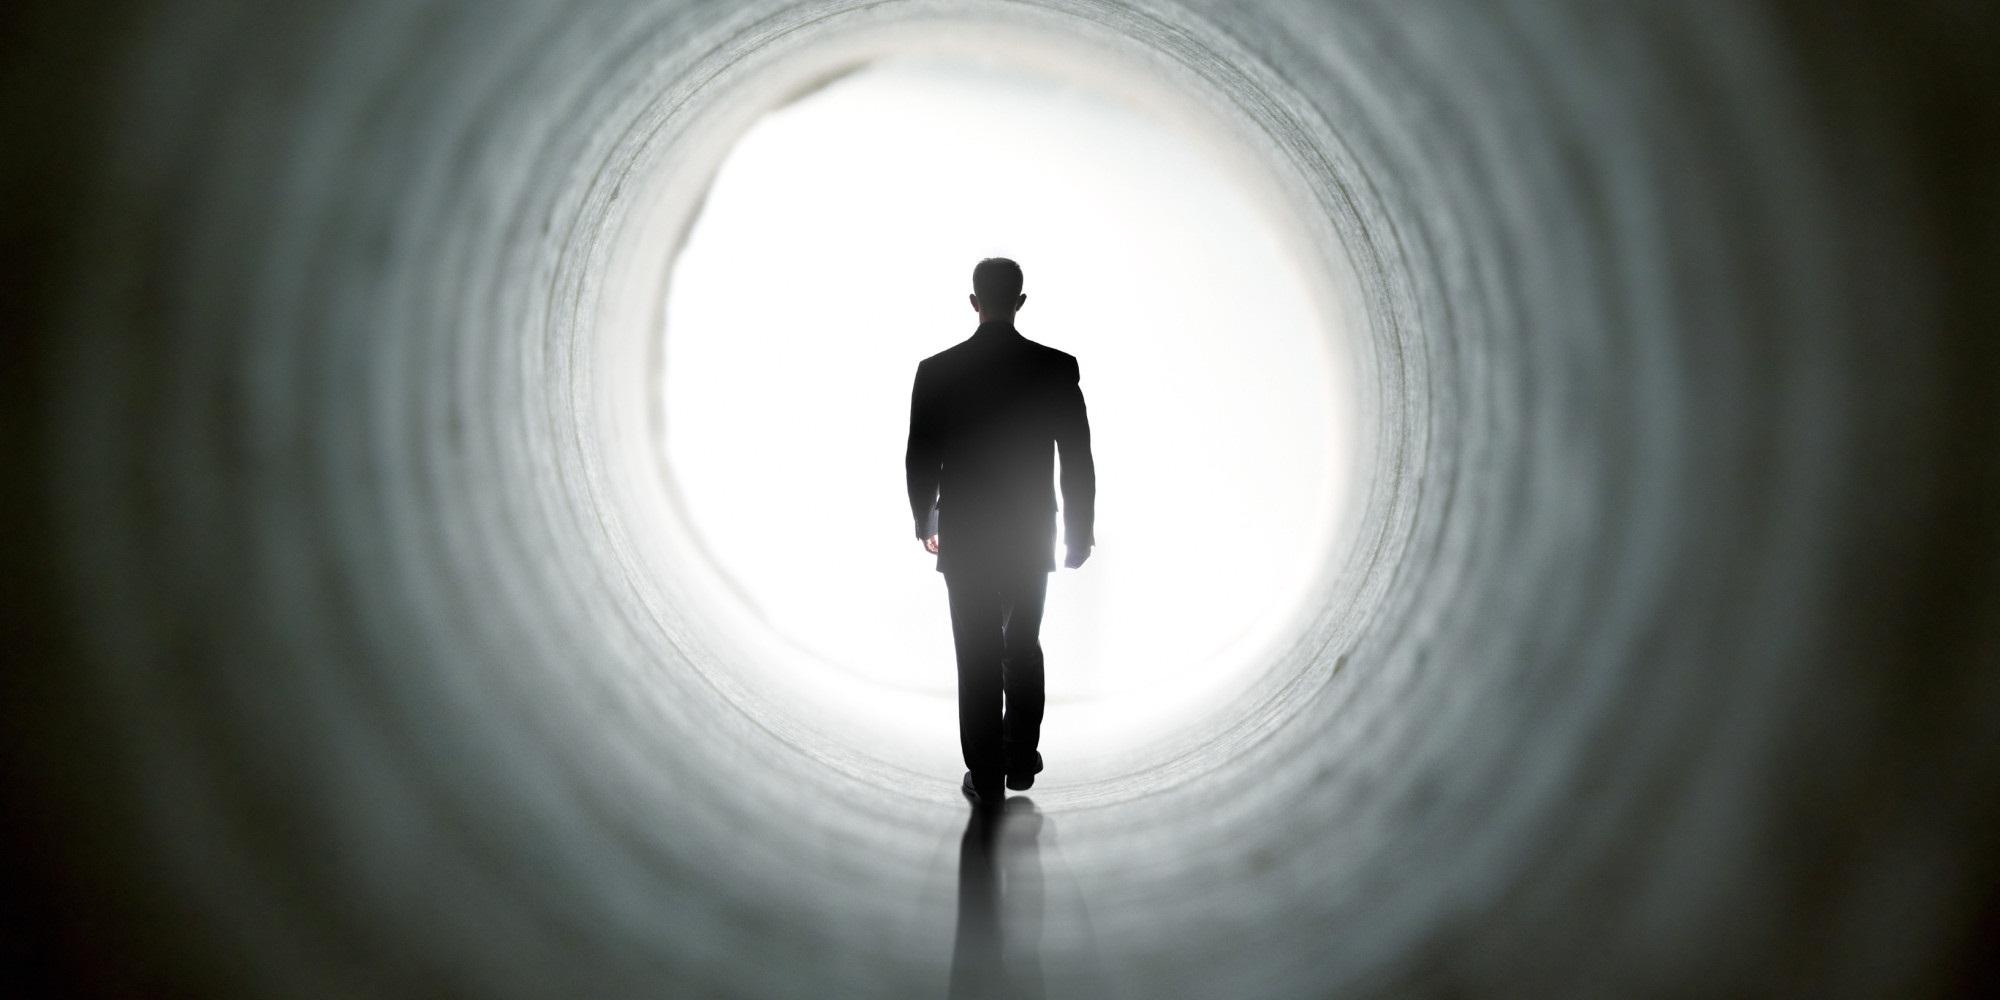 راز تونل مرگ و تجربیات نزدیک به مرگ